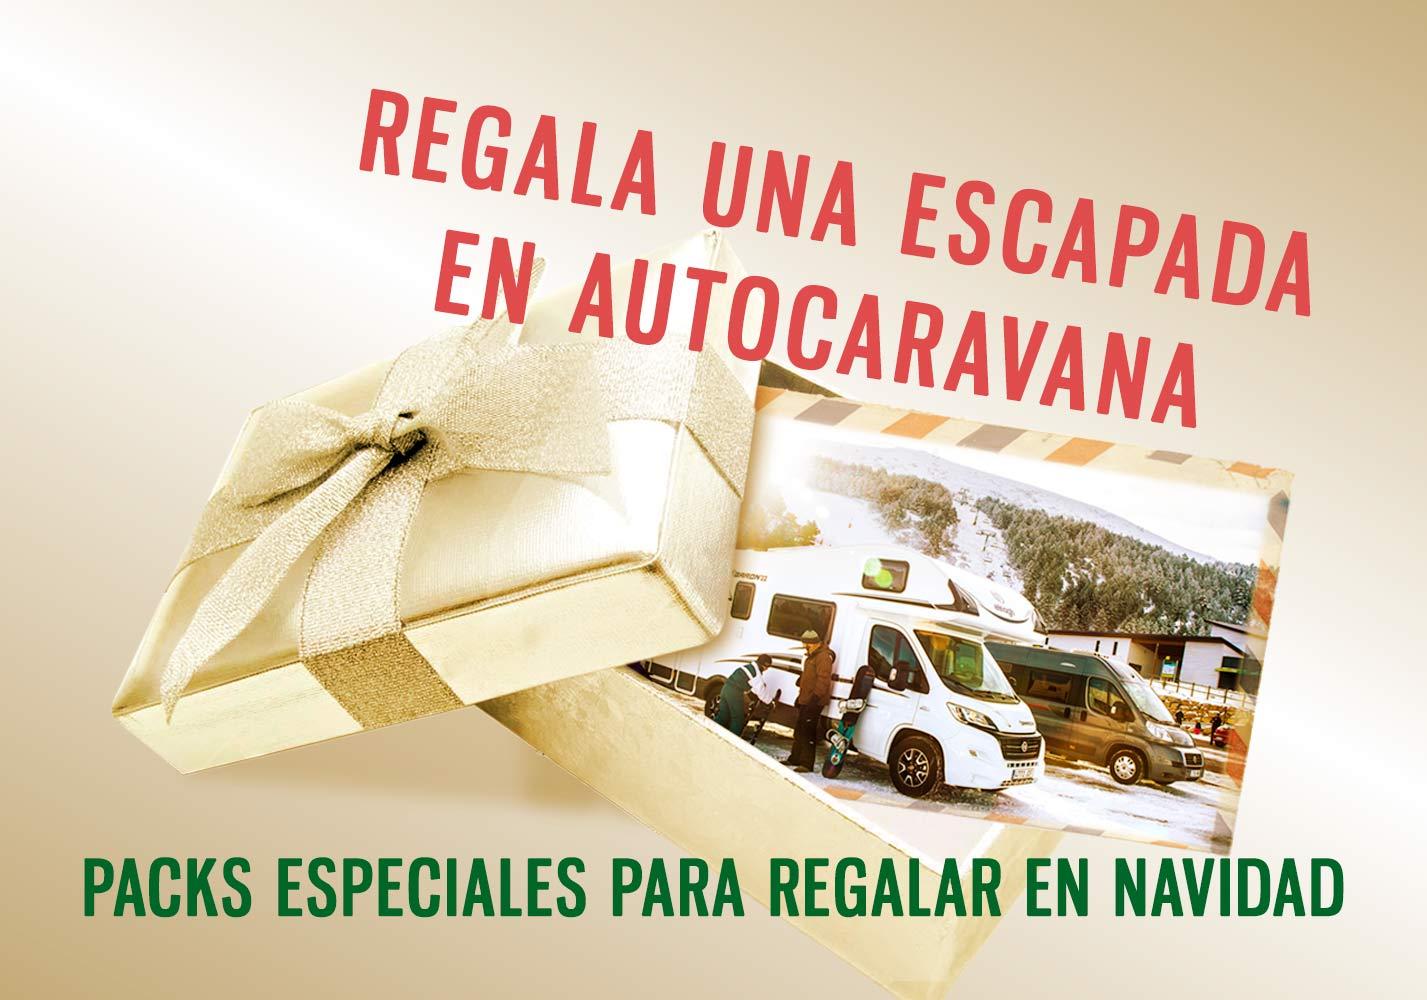 Regala una experiencia inolvidable. Packs especiales para regalar escapadas en autocaravana en Navidad y Reyes.